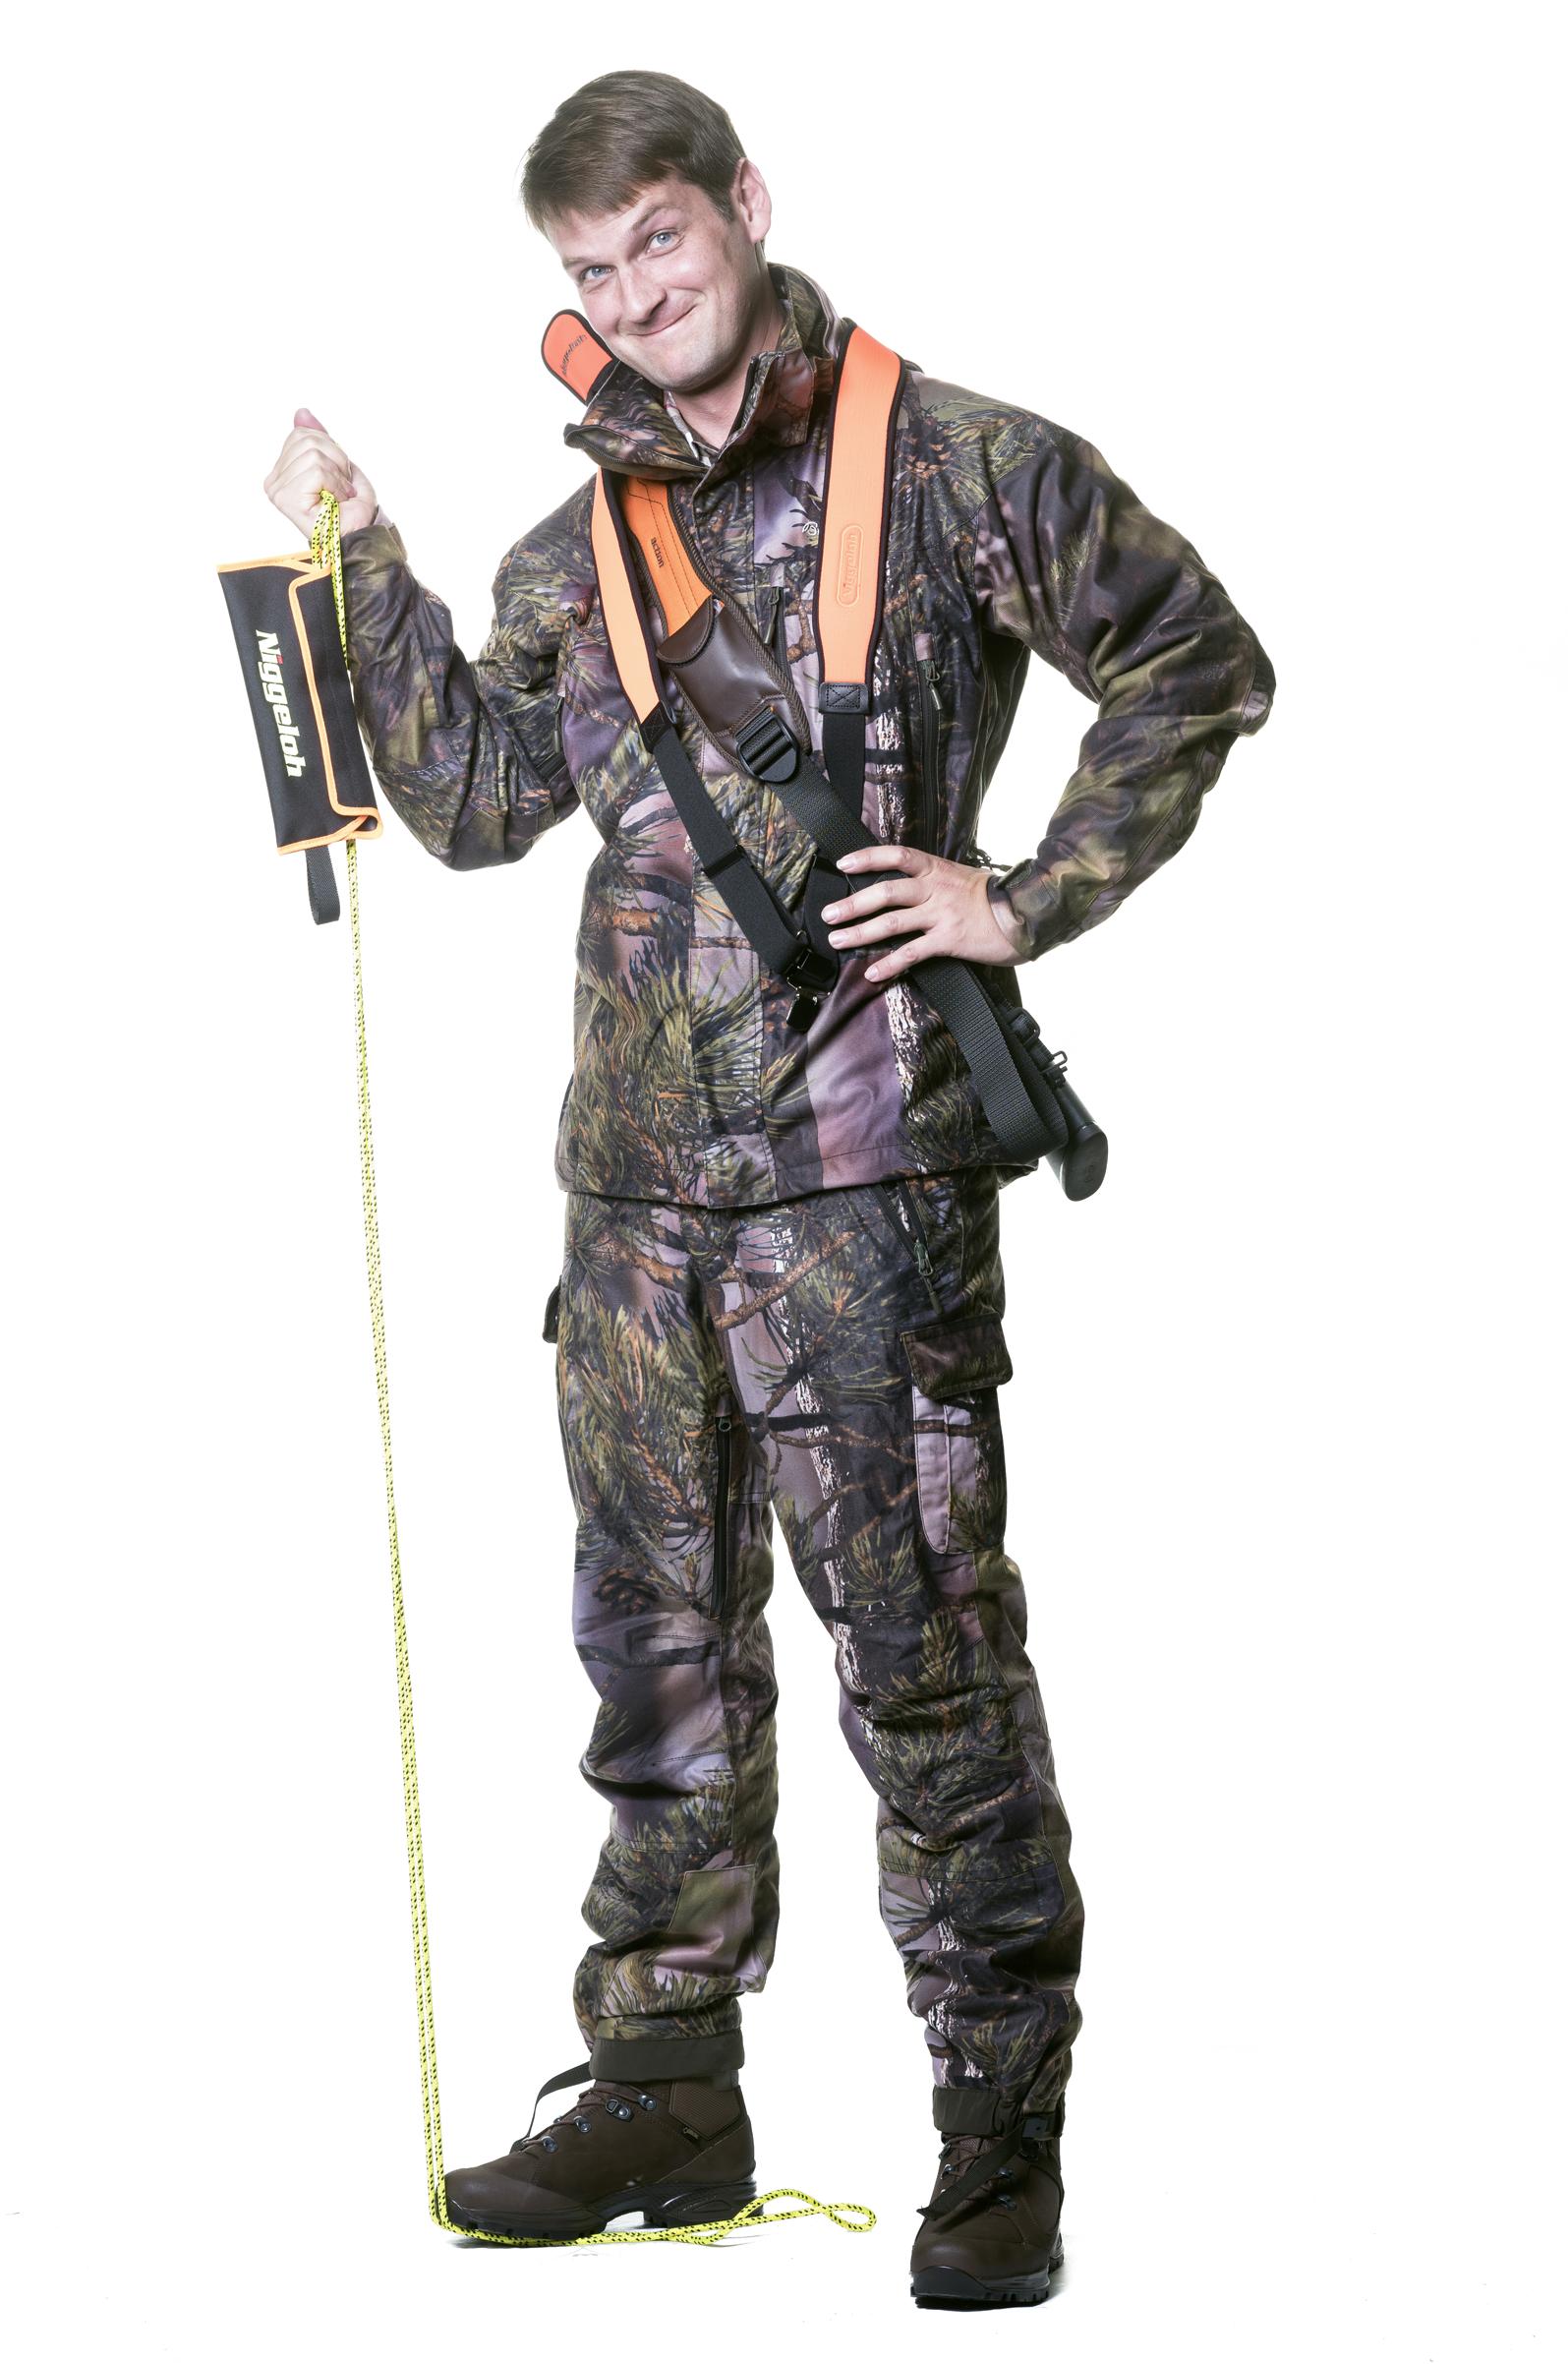 L1000046 Kopie Jagd jagen jäger jaegermagazin testreise 2016 Schottland Ardnamurchan